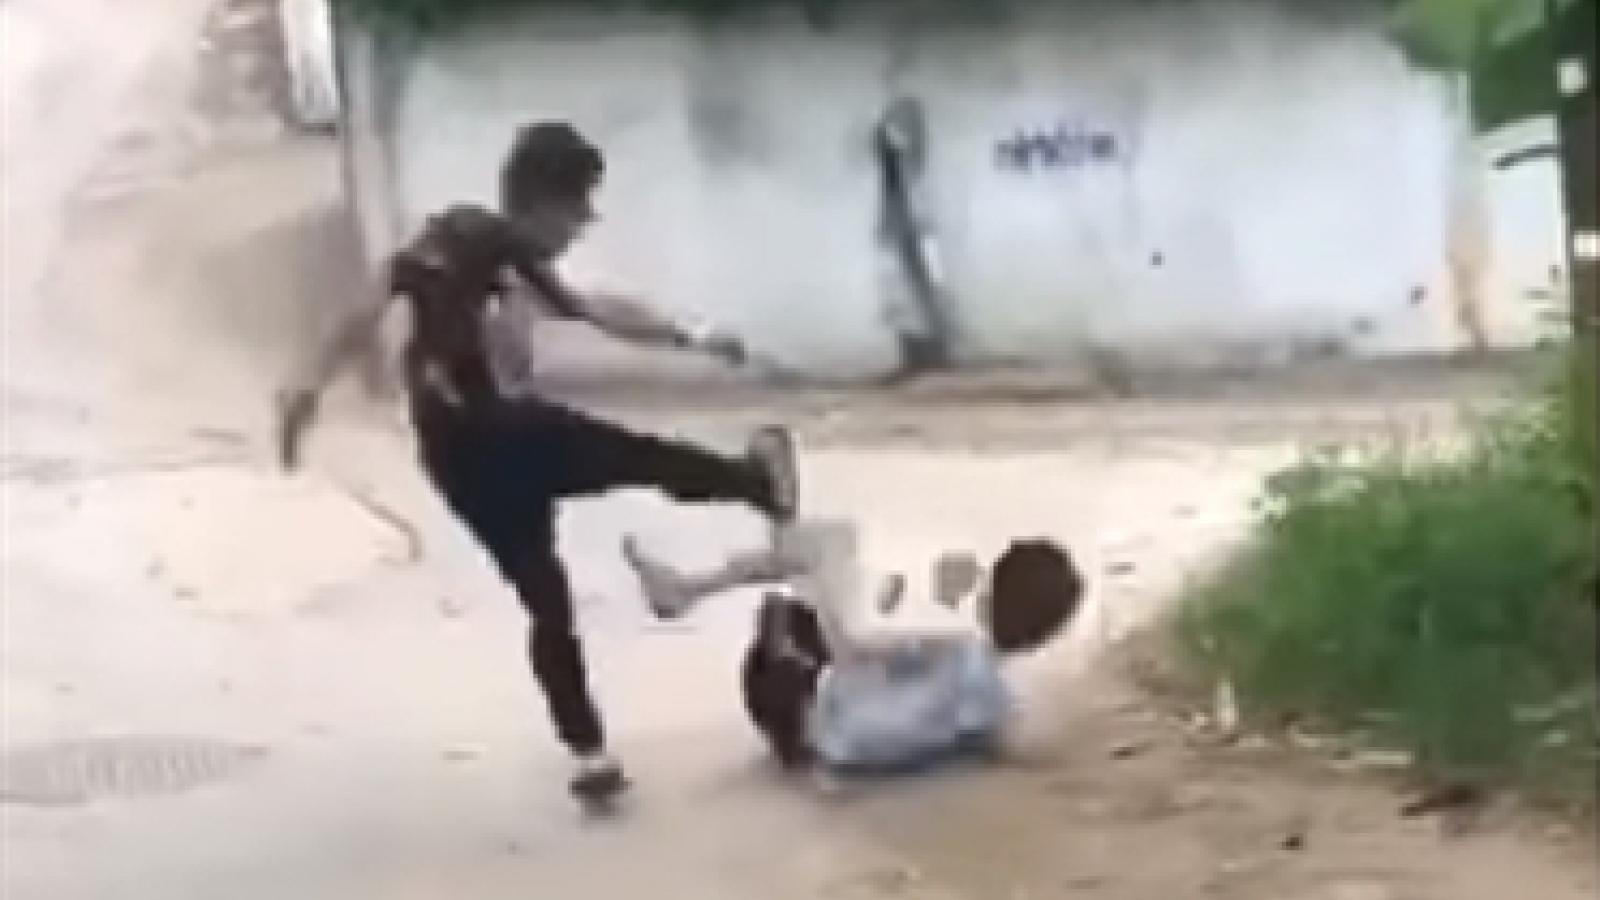 Tạm giữ nam sinh hành hung dã man người khác ở Phú Thọ